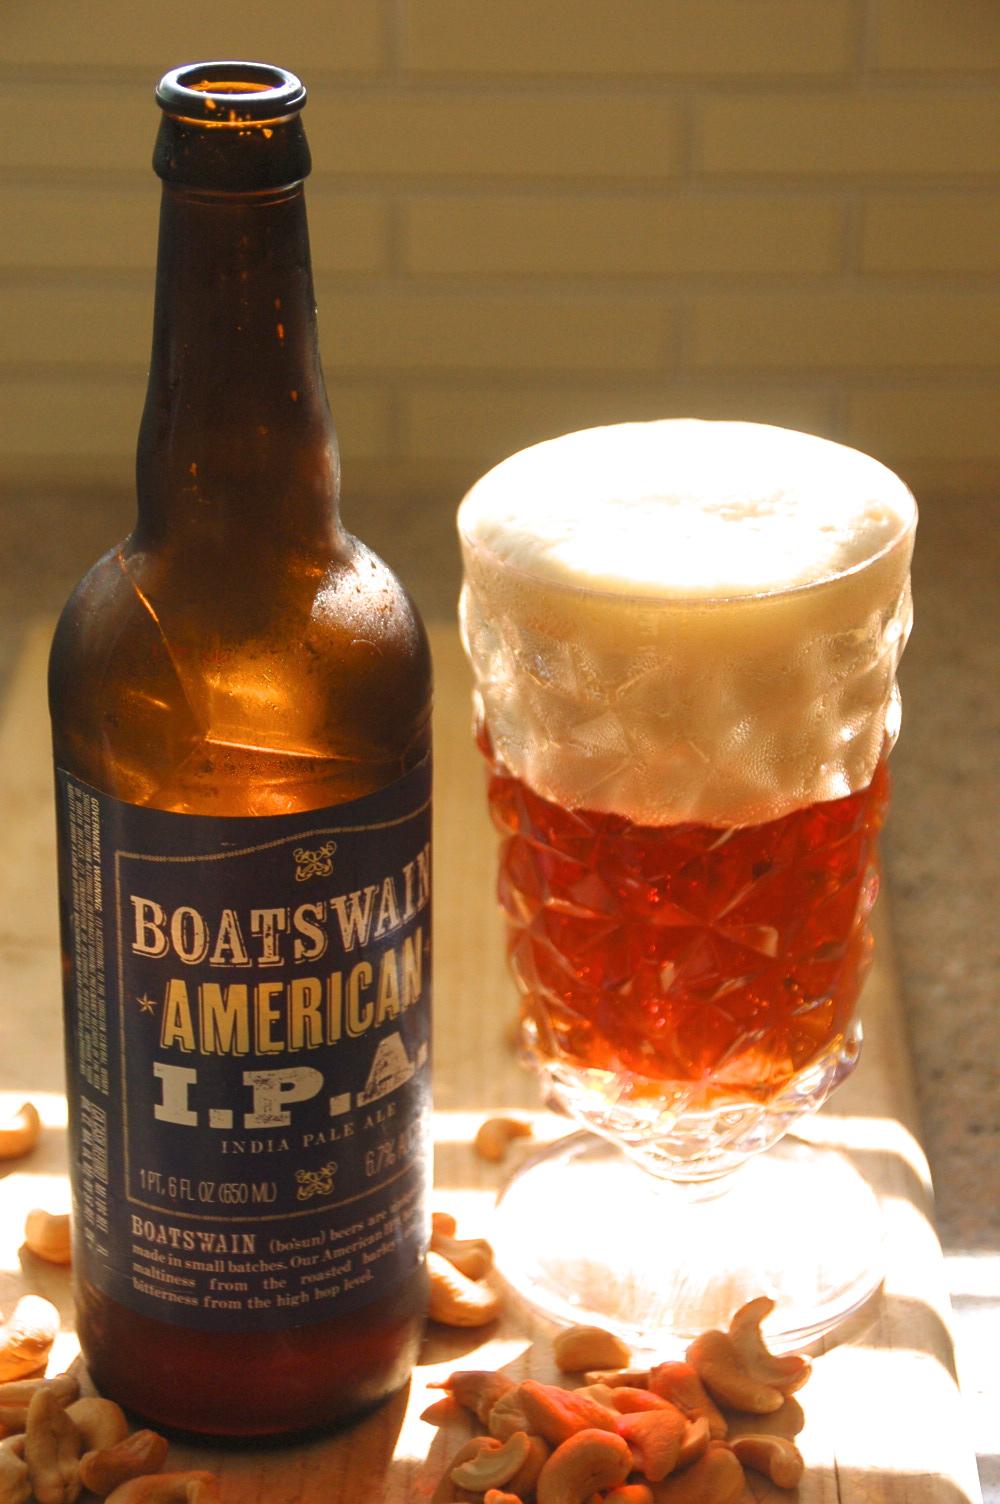 Boats Wain Beer